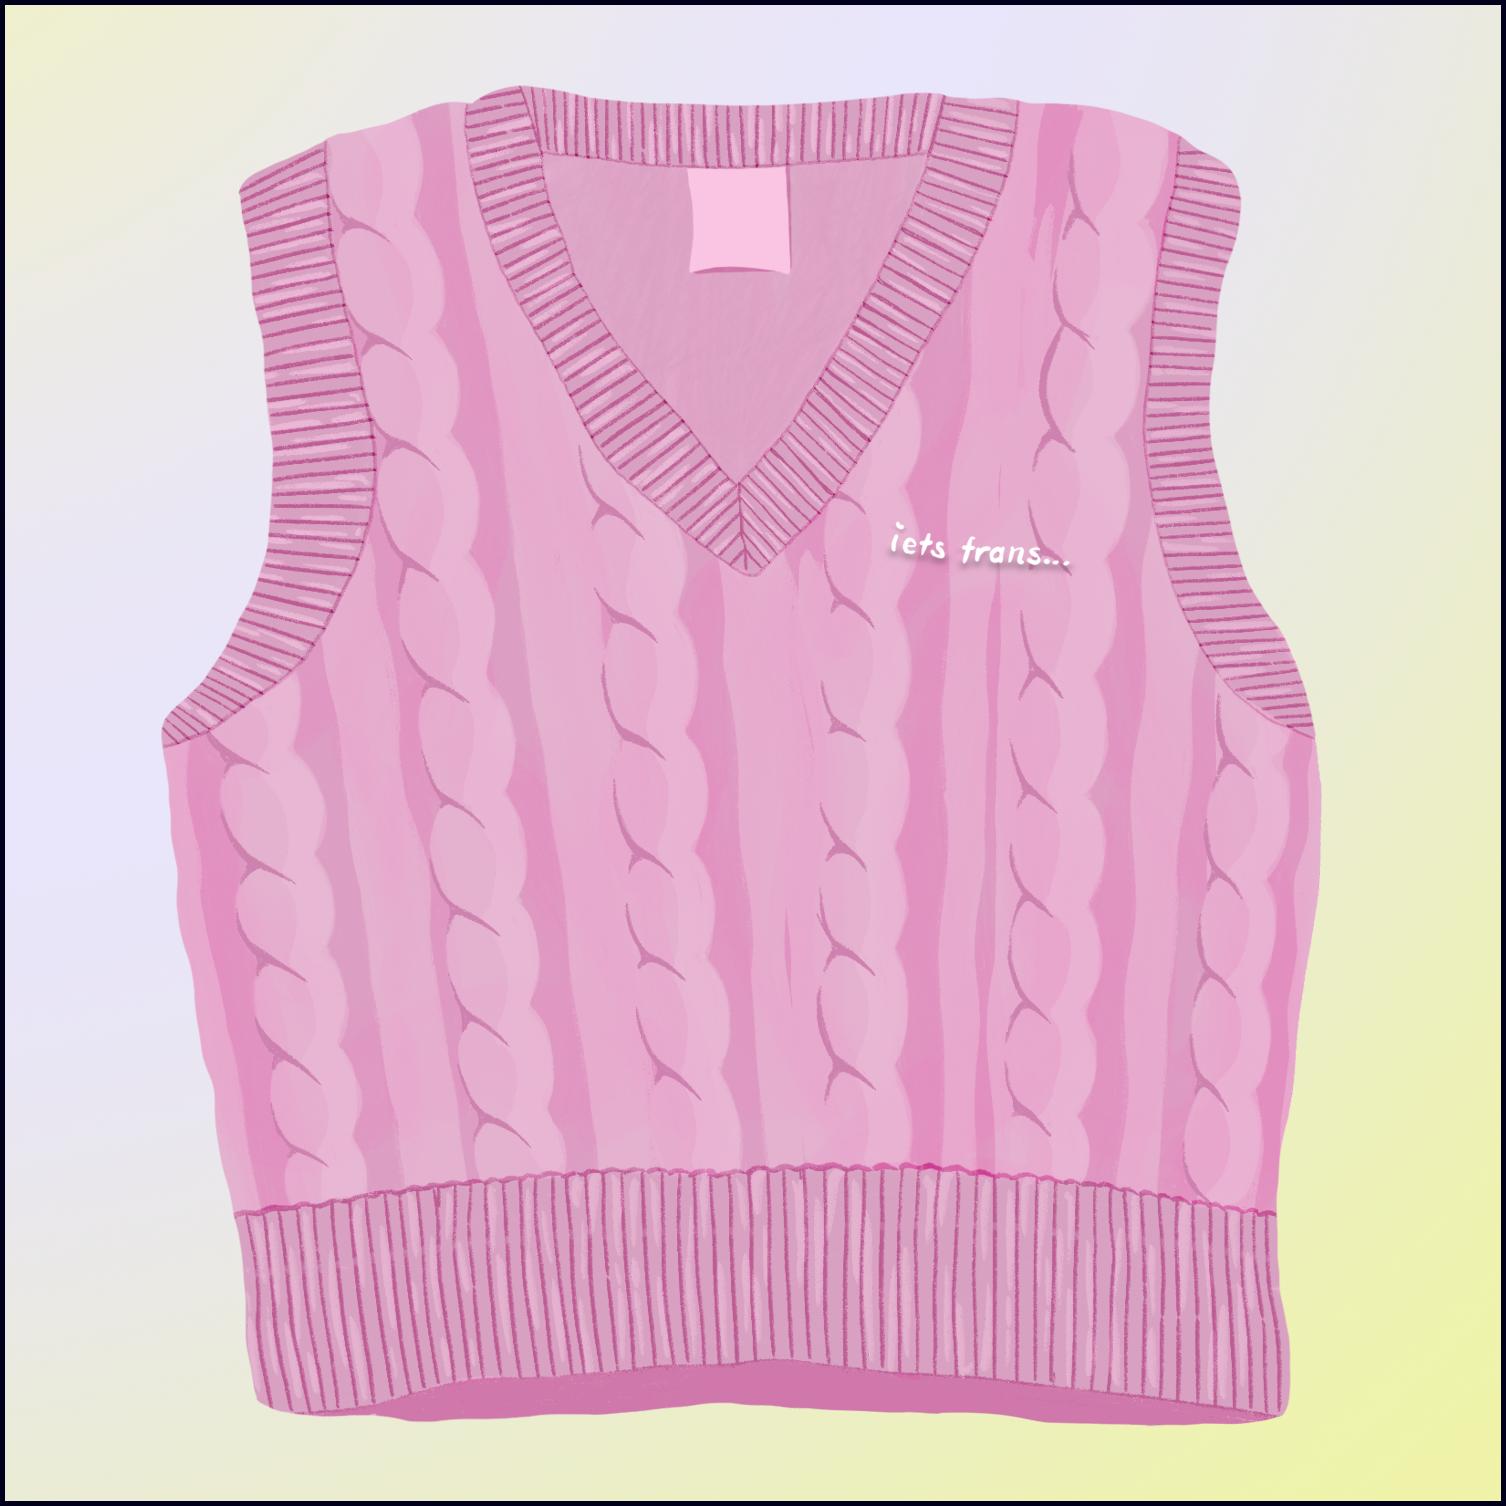 UO_Sweater_Vest_1x1